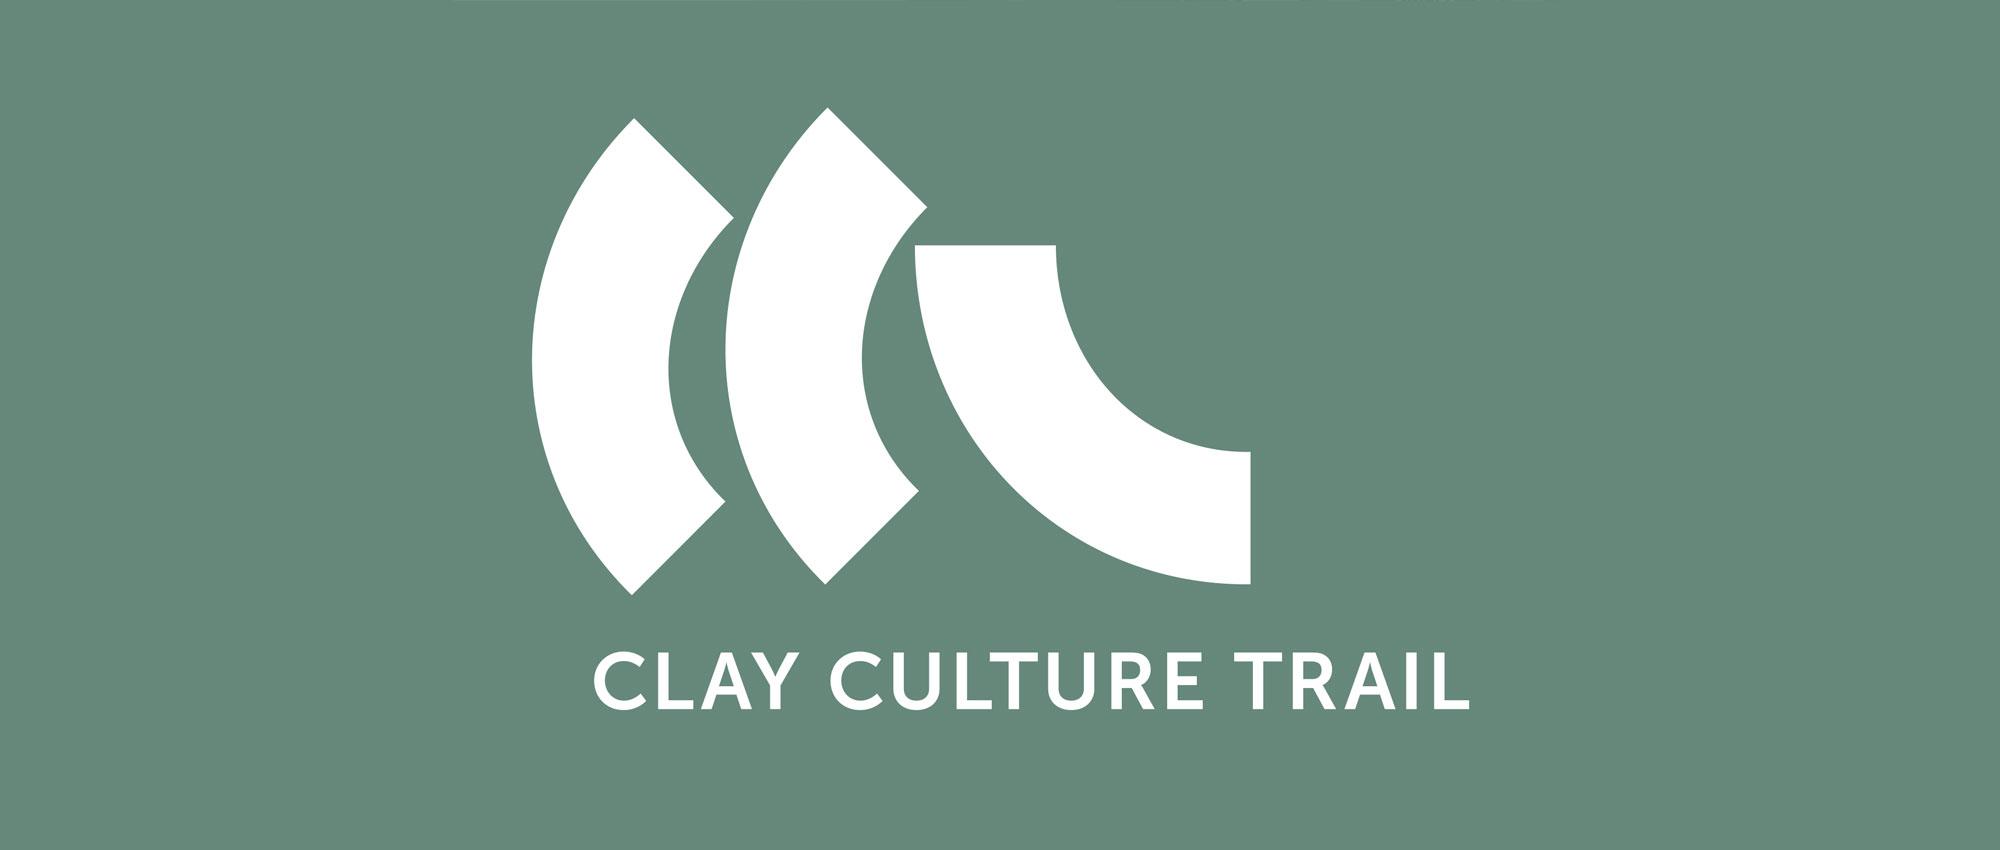 CCT_logo_main